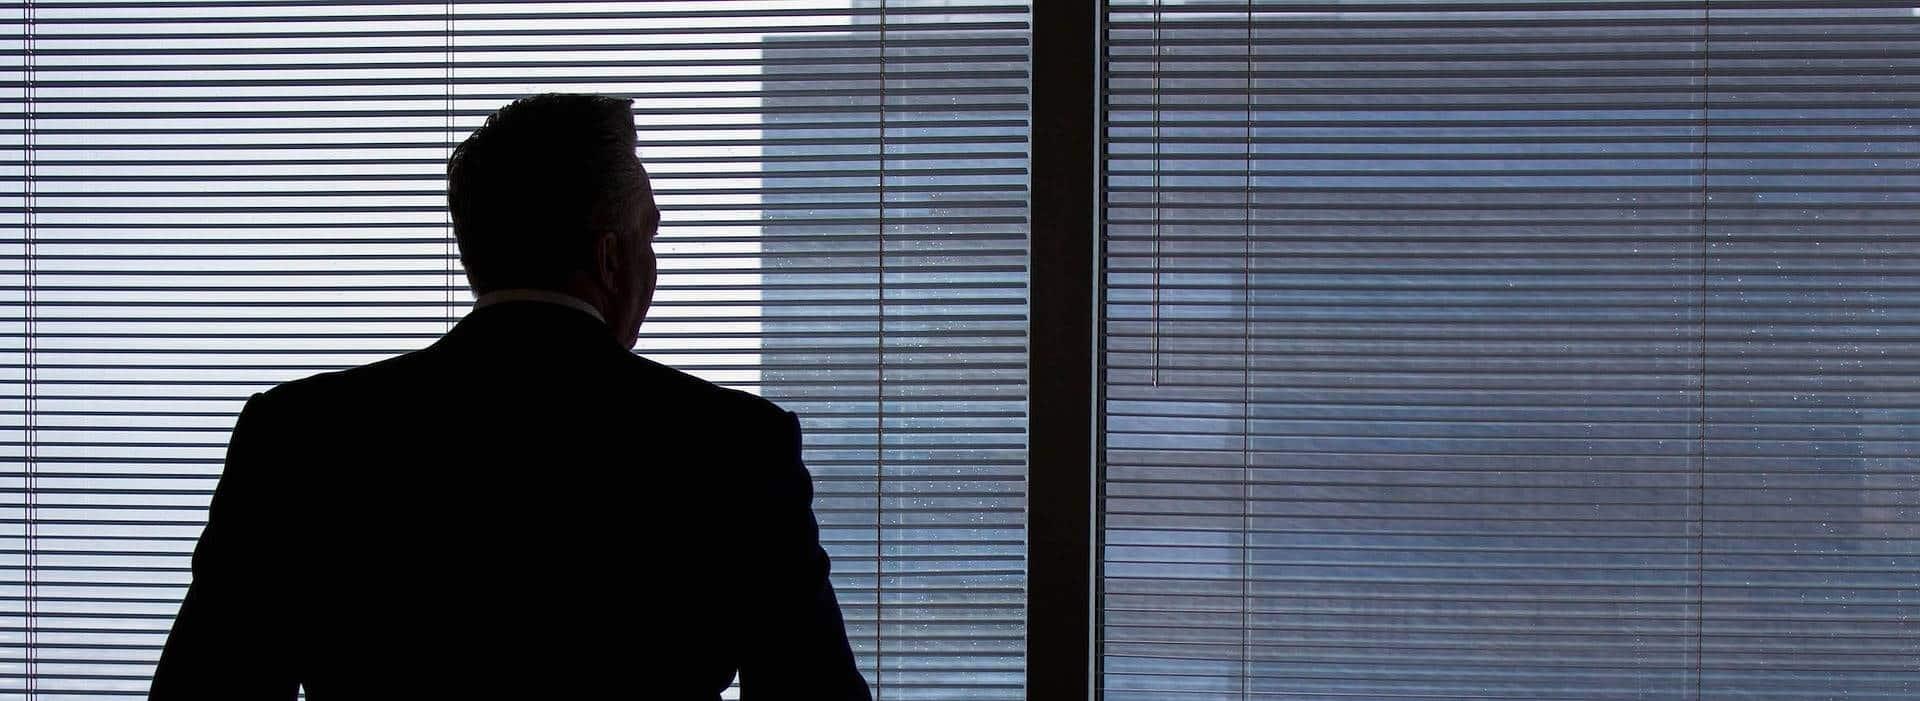 Odpowiedzialność za zobowiązania finansowe – spółka z o.o. i spółka akcyjna